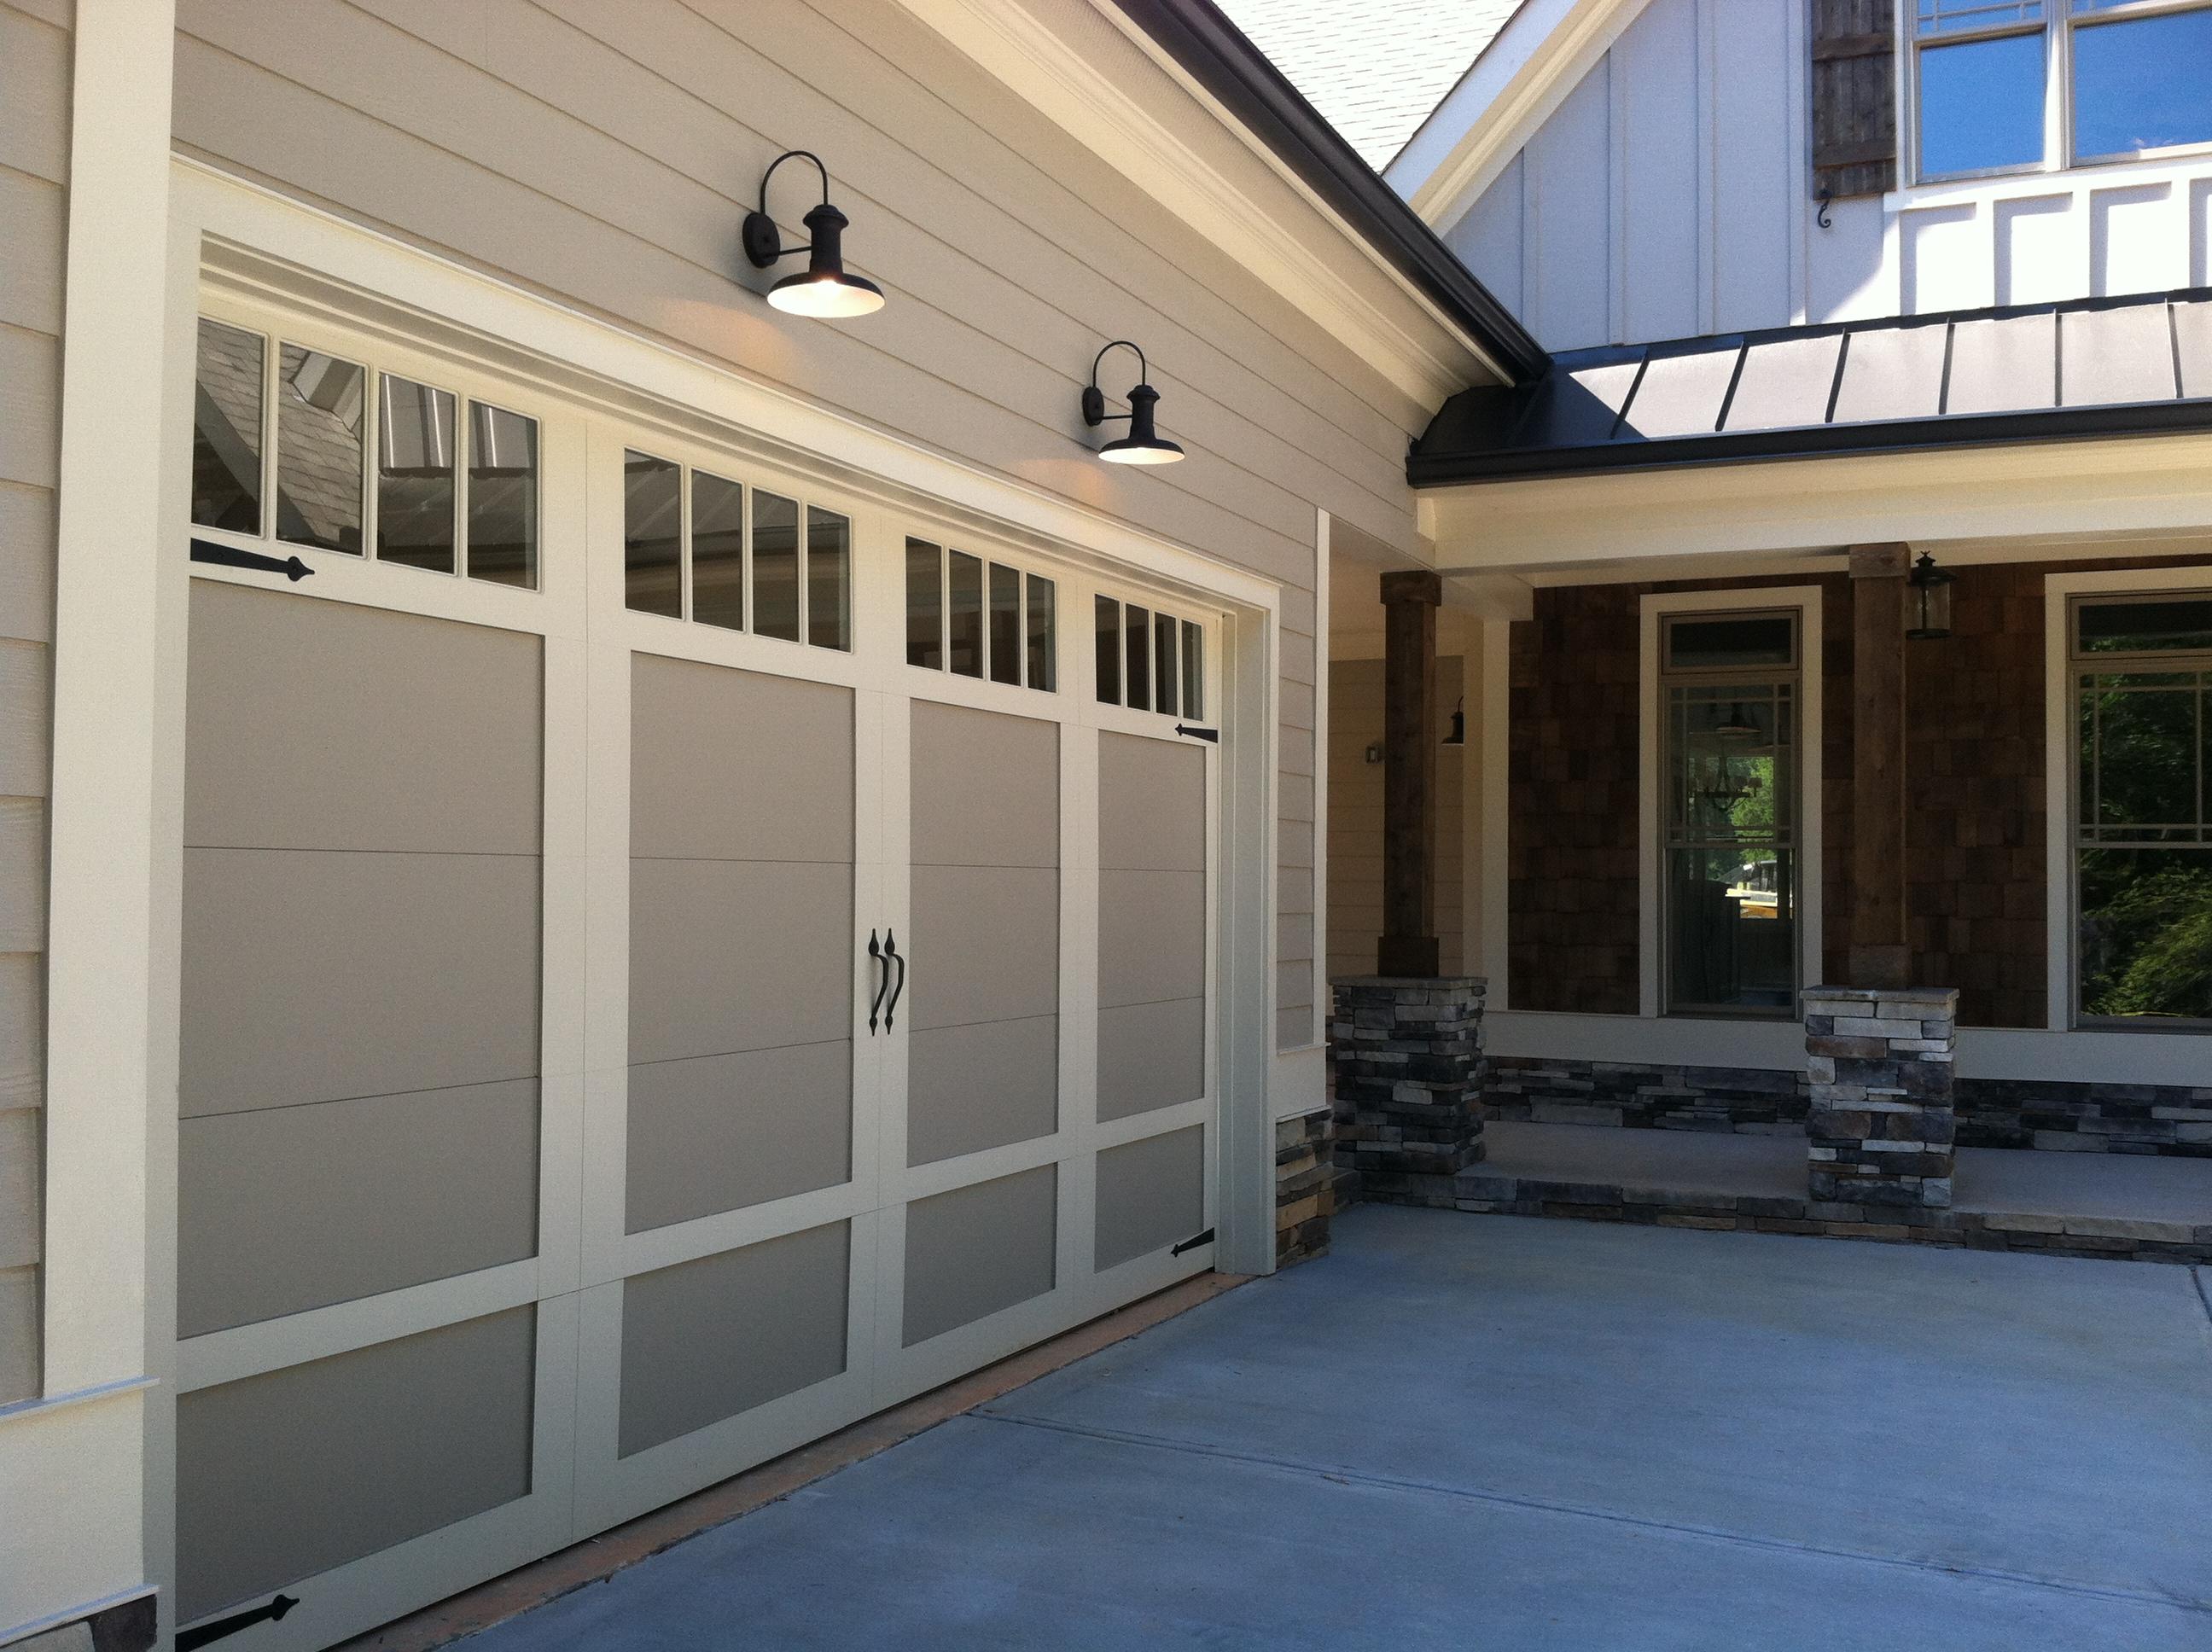 1936 #826C49 View Our Work Maddock Doors picture/photo Overhead Doors Atlanta 36592592